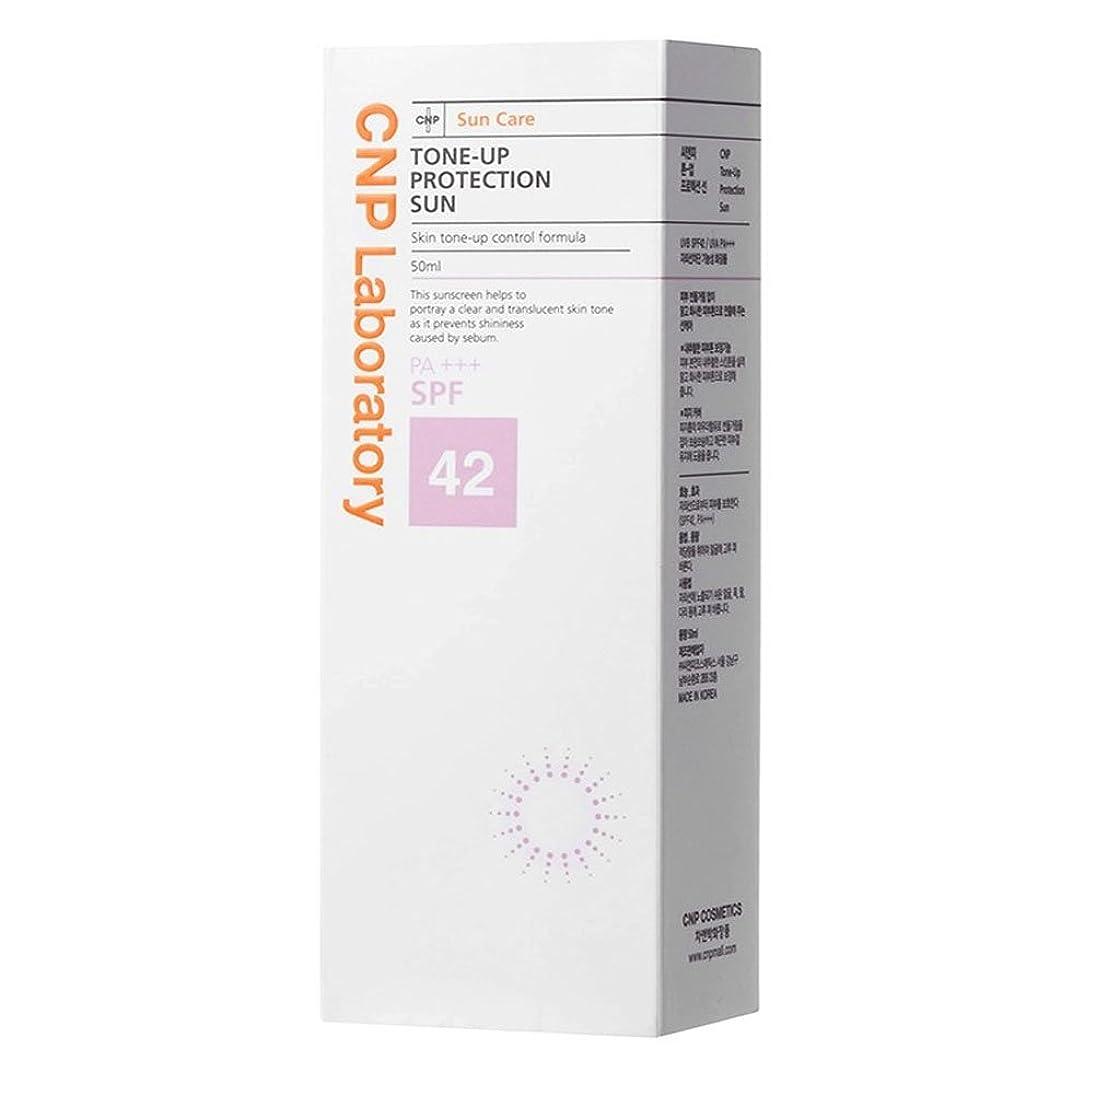 アレルギーこする発表するチャアンドパク(CNP) トンアッププロテクション日焼け止めクリーム 50ml/ CNP Tone-Up Protection Sun 50ml [並行輸入品]